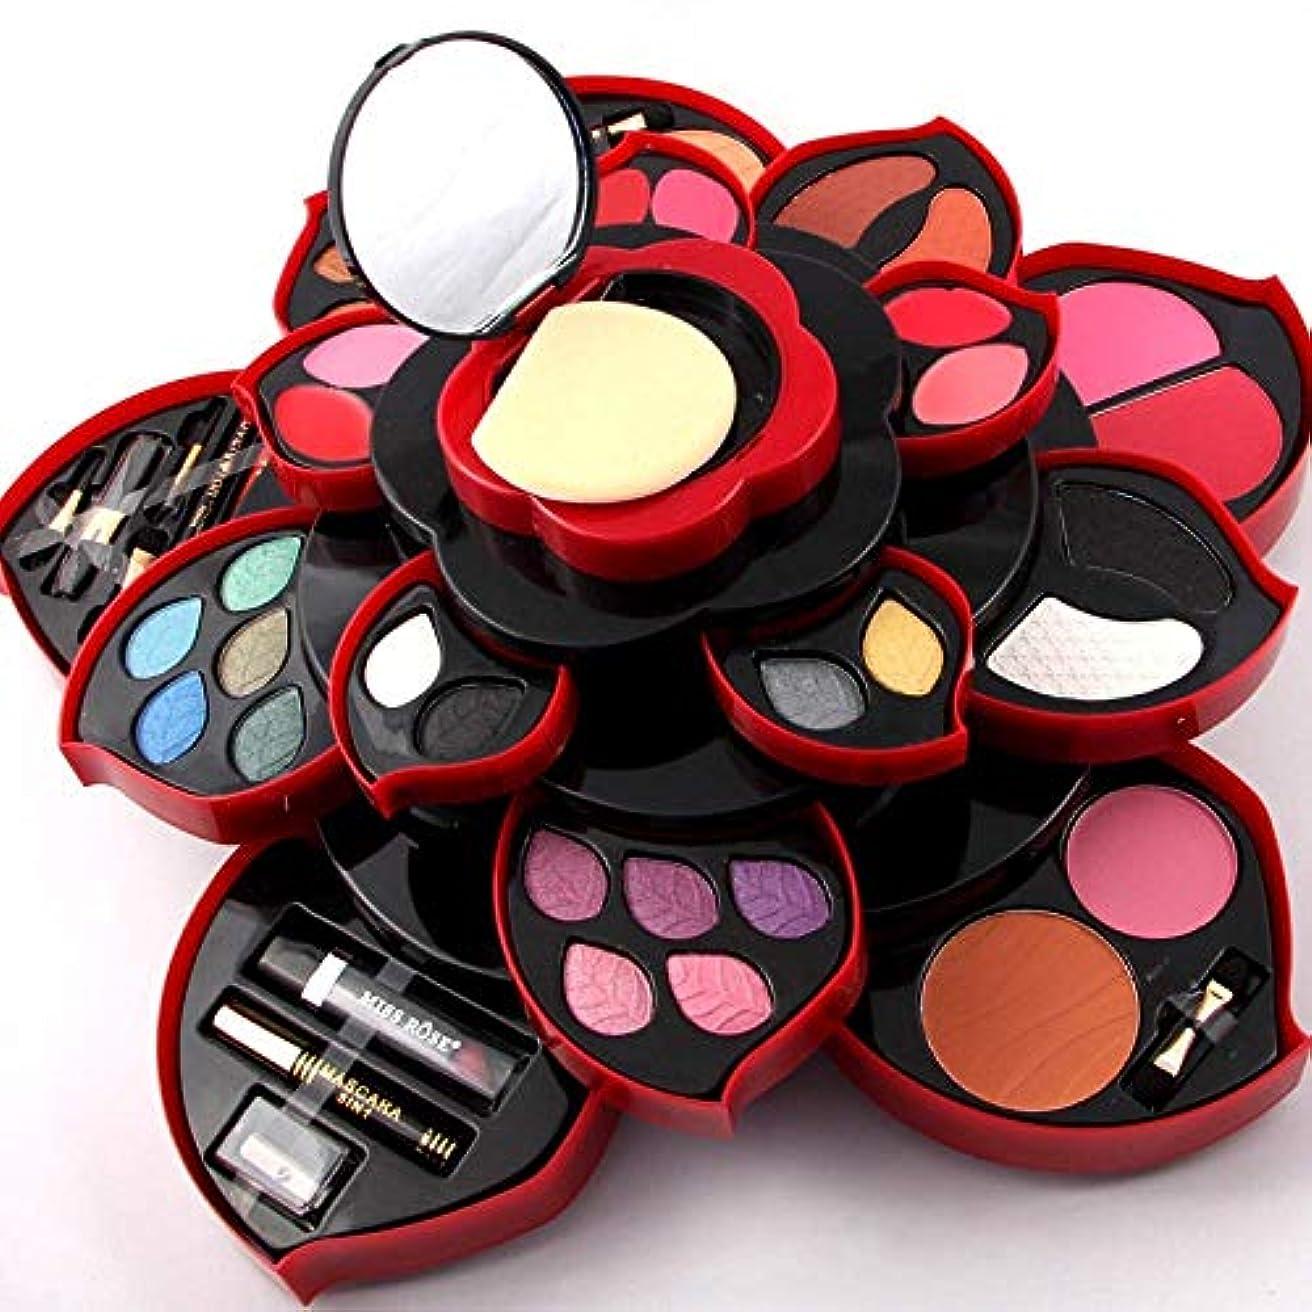 賢明な補正中傷アイシャドウの化粧パレット、マット&シマーアイシャドウ、化粧鏡付きの高度に着色された化粧パレット